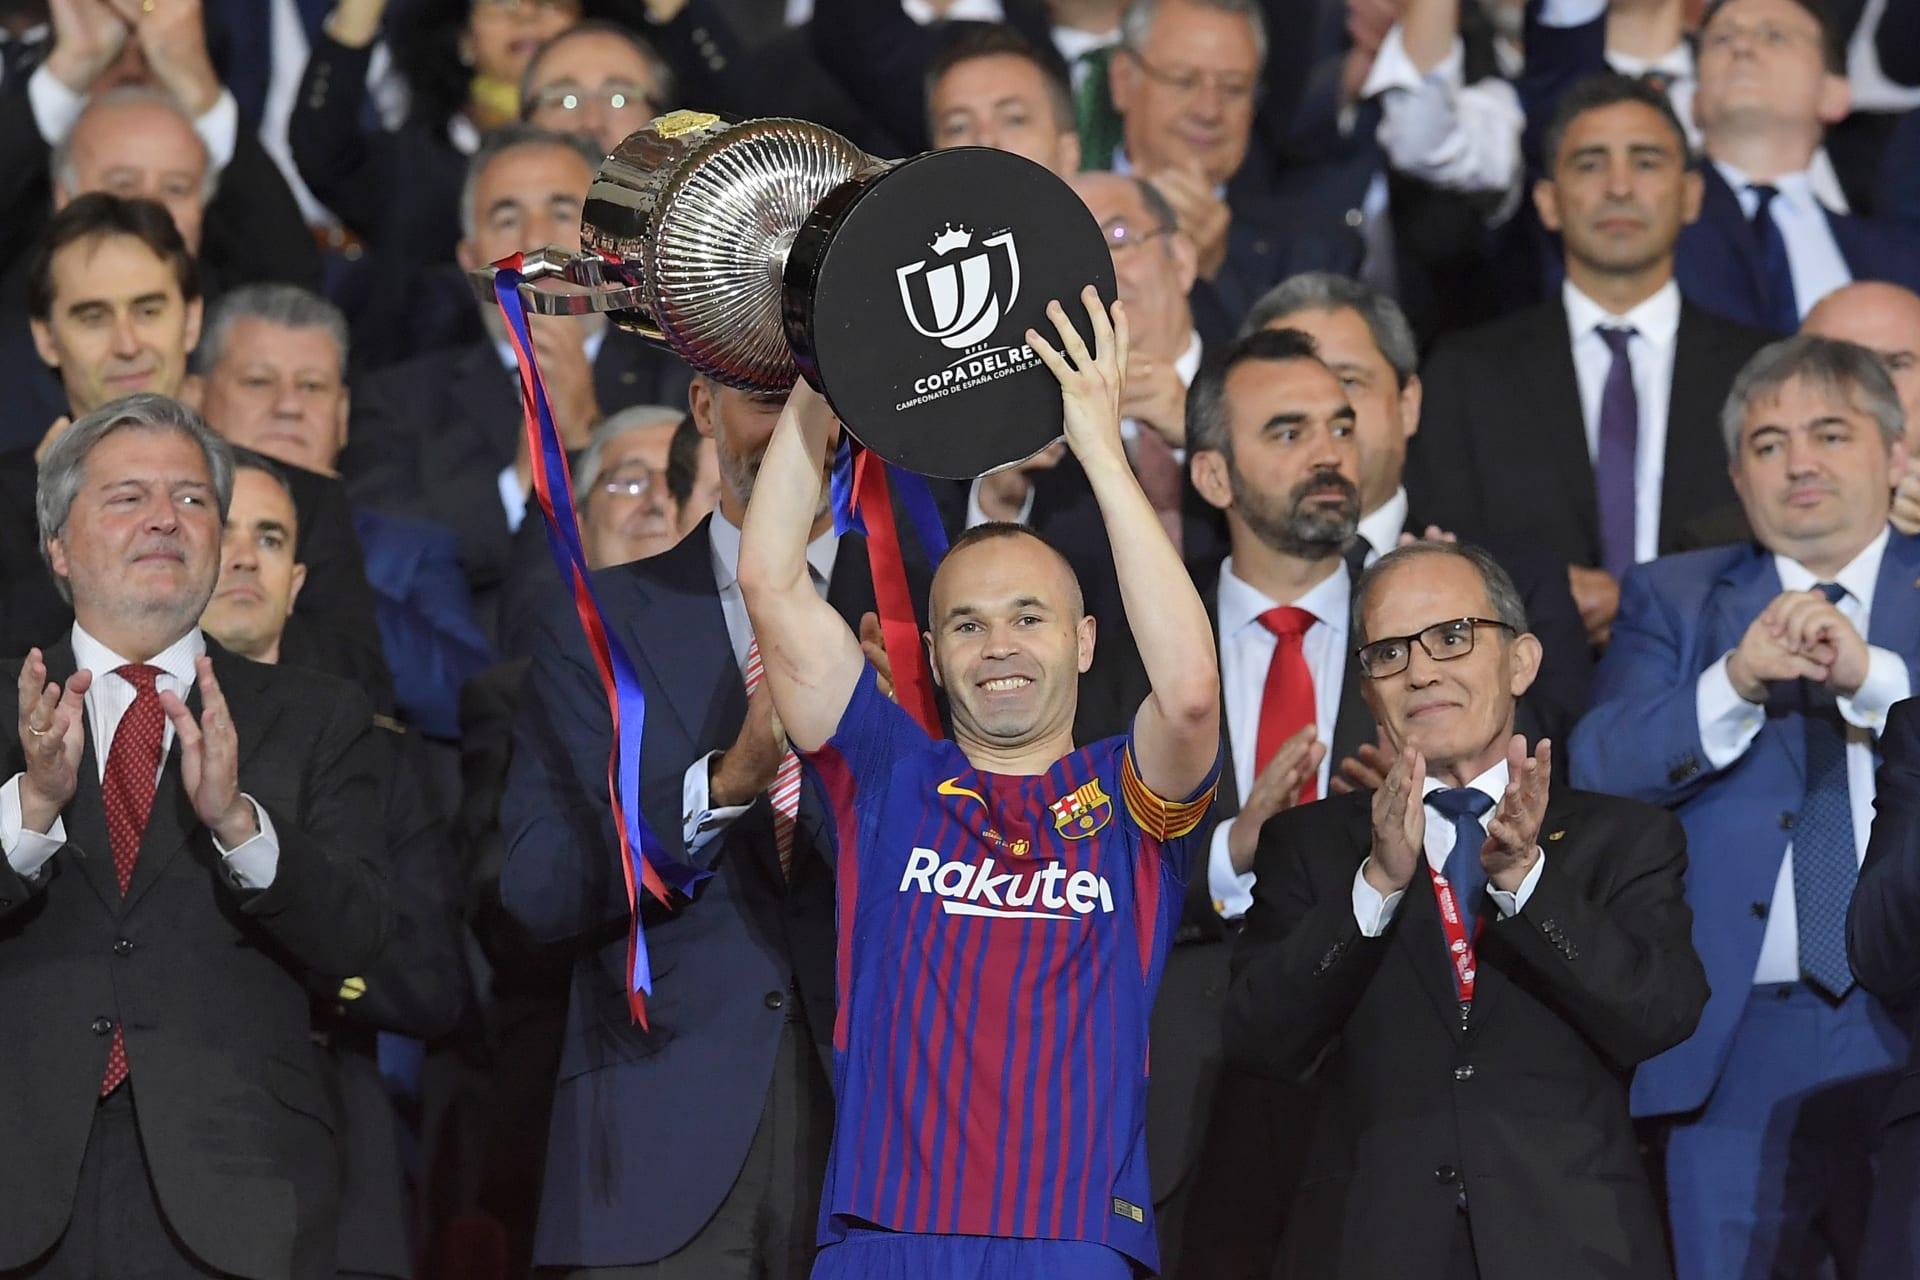 برشلونة يرفع اللقب رقم 30 لكأس الملك في مدريد